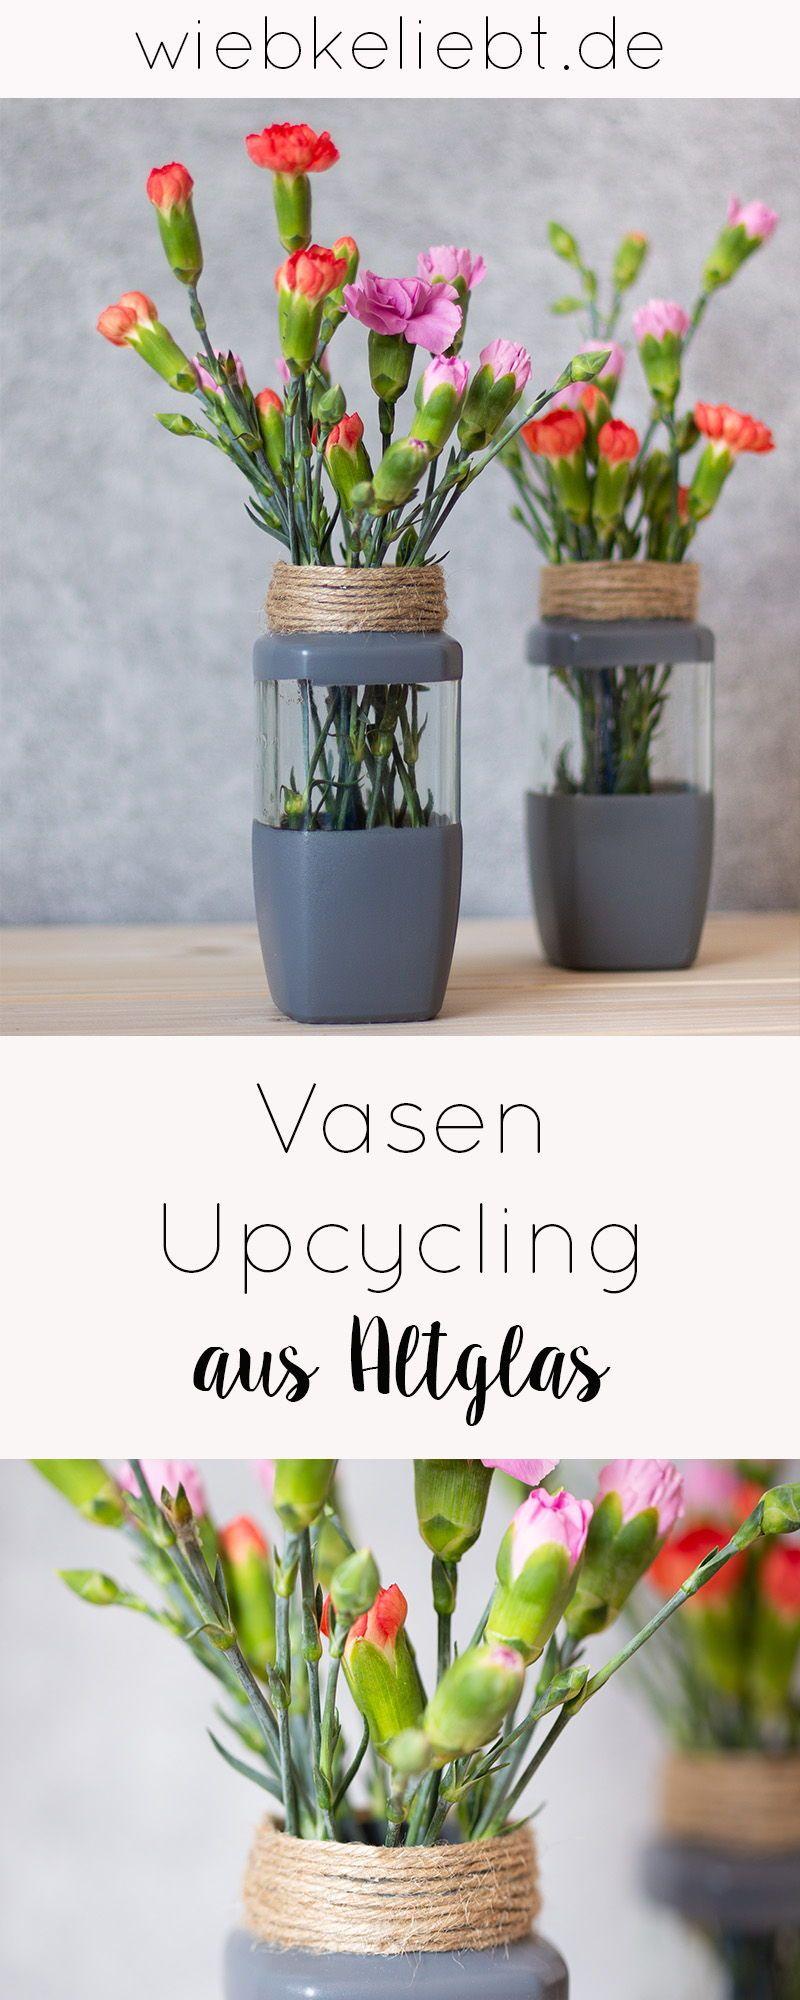 Vasen Upcycling aus Altglas im Skandi Look | DIY Blog | Do-it-yourself Anleitungen zum Selbermachen | Wiebkeliebt